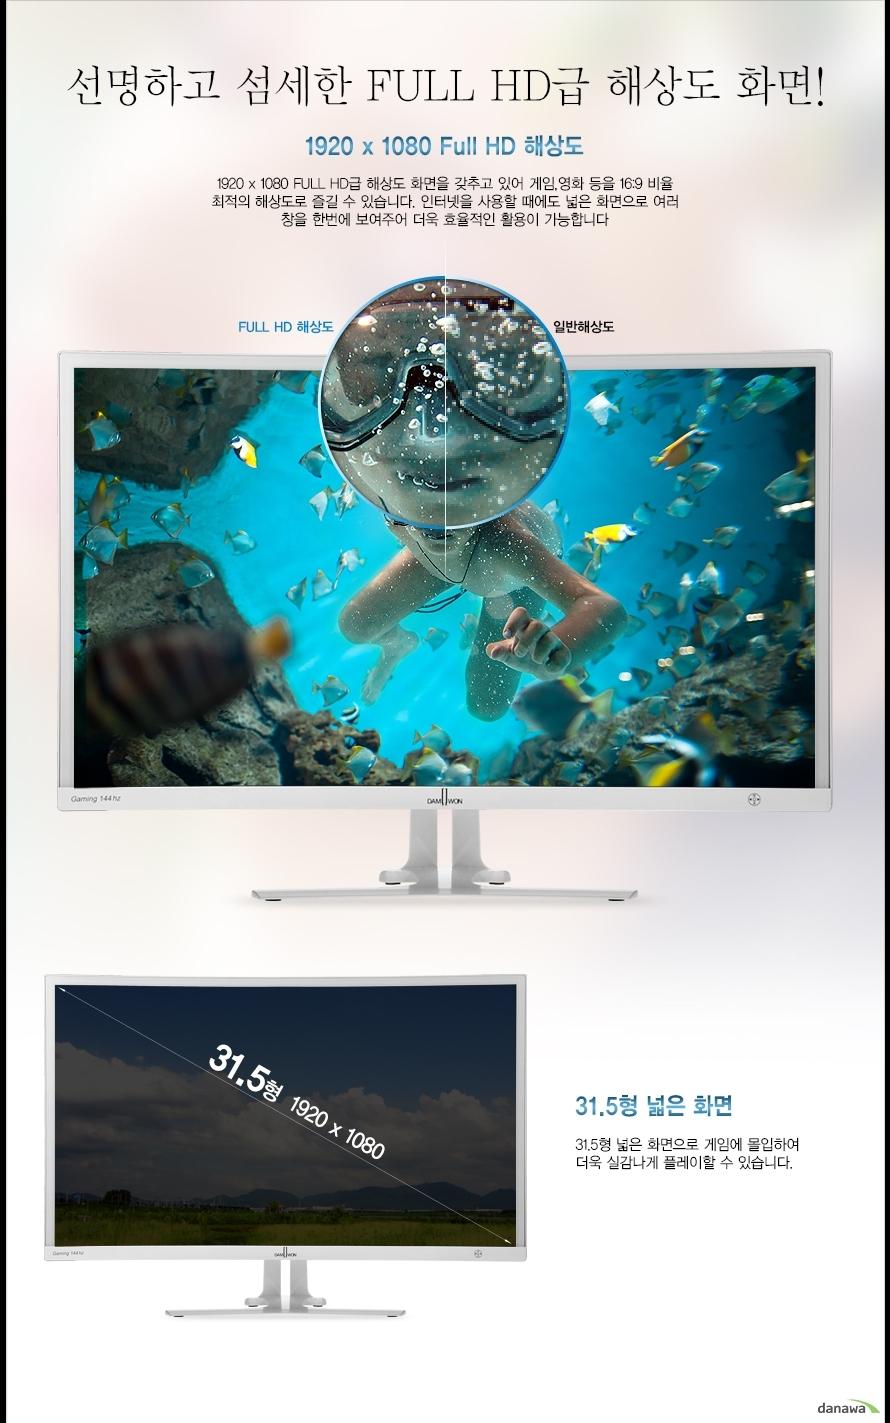 선명하고 섬세한 FULL HD급 해상도 화면!1920 x 1080 Full HD 해상도1920 x 1080 FULL HD급 해상도 화면을 갖추고 있어 게임,영화 등을 16:9 비율 최적의 해상도로 즐길 수 있습니다. 인터넷을 사용할 때에도 넓은 화면으로 여러 창을 한번에 보여주어 더욱 효율적인 활용이 가능합니다31.5형 넓은 화면31.5형 넓은 화면으로 게임에 몰입하여 더욱 실감나게 플레이할 수 있습니다.